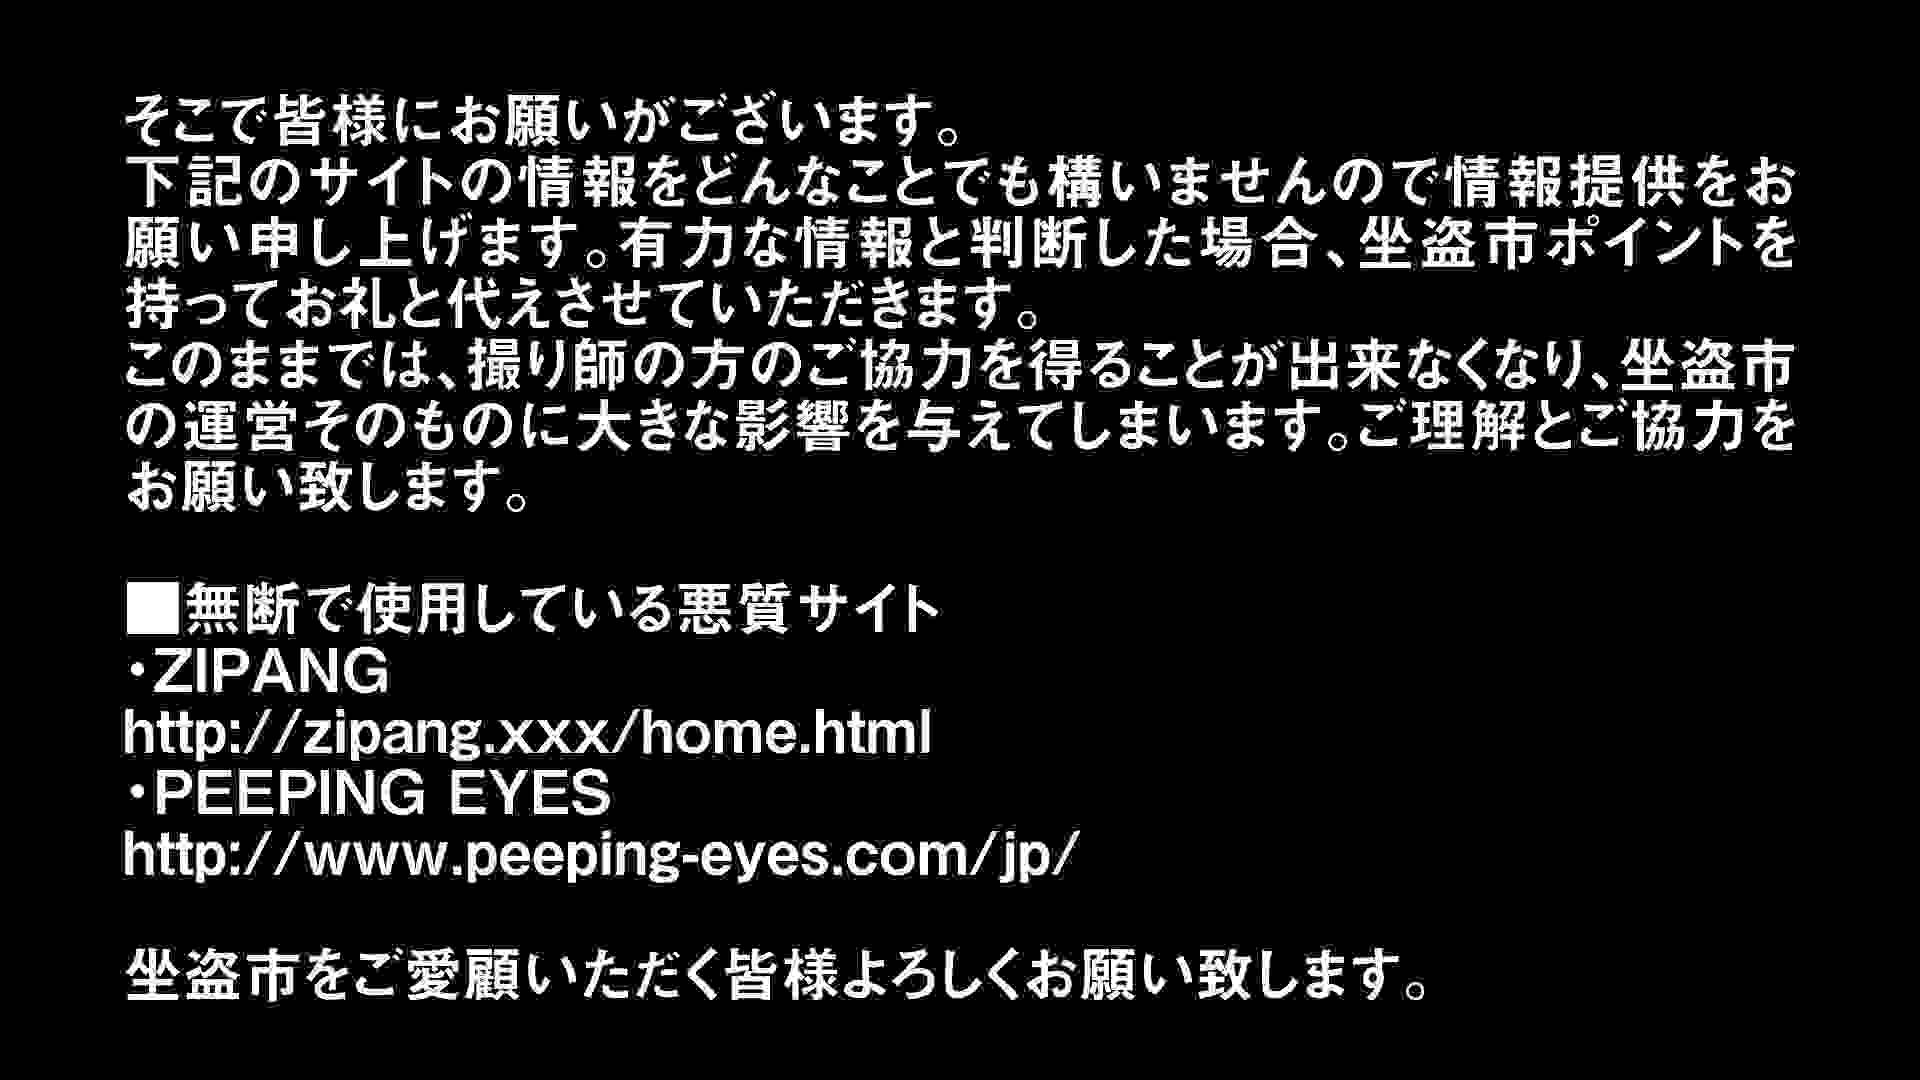 Aquaな露天風呂Vol.299 盗撮シリーズ  82PIX 30